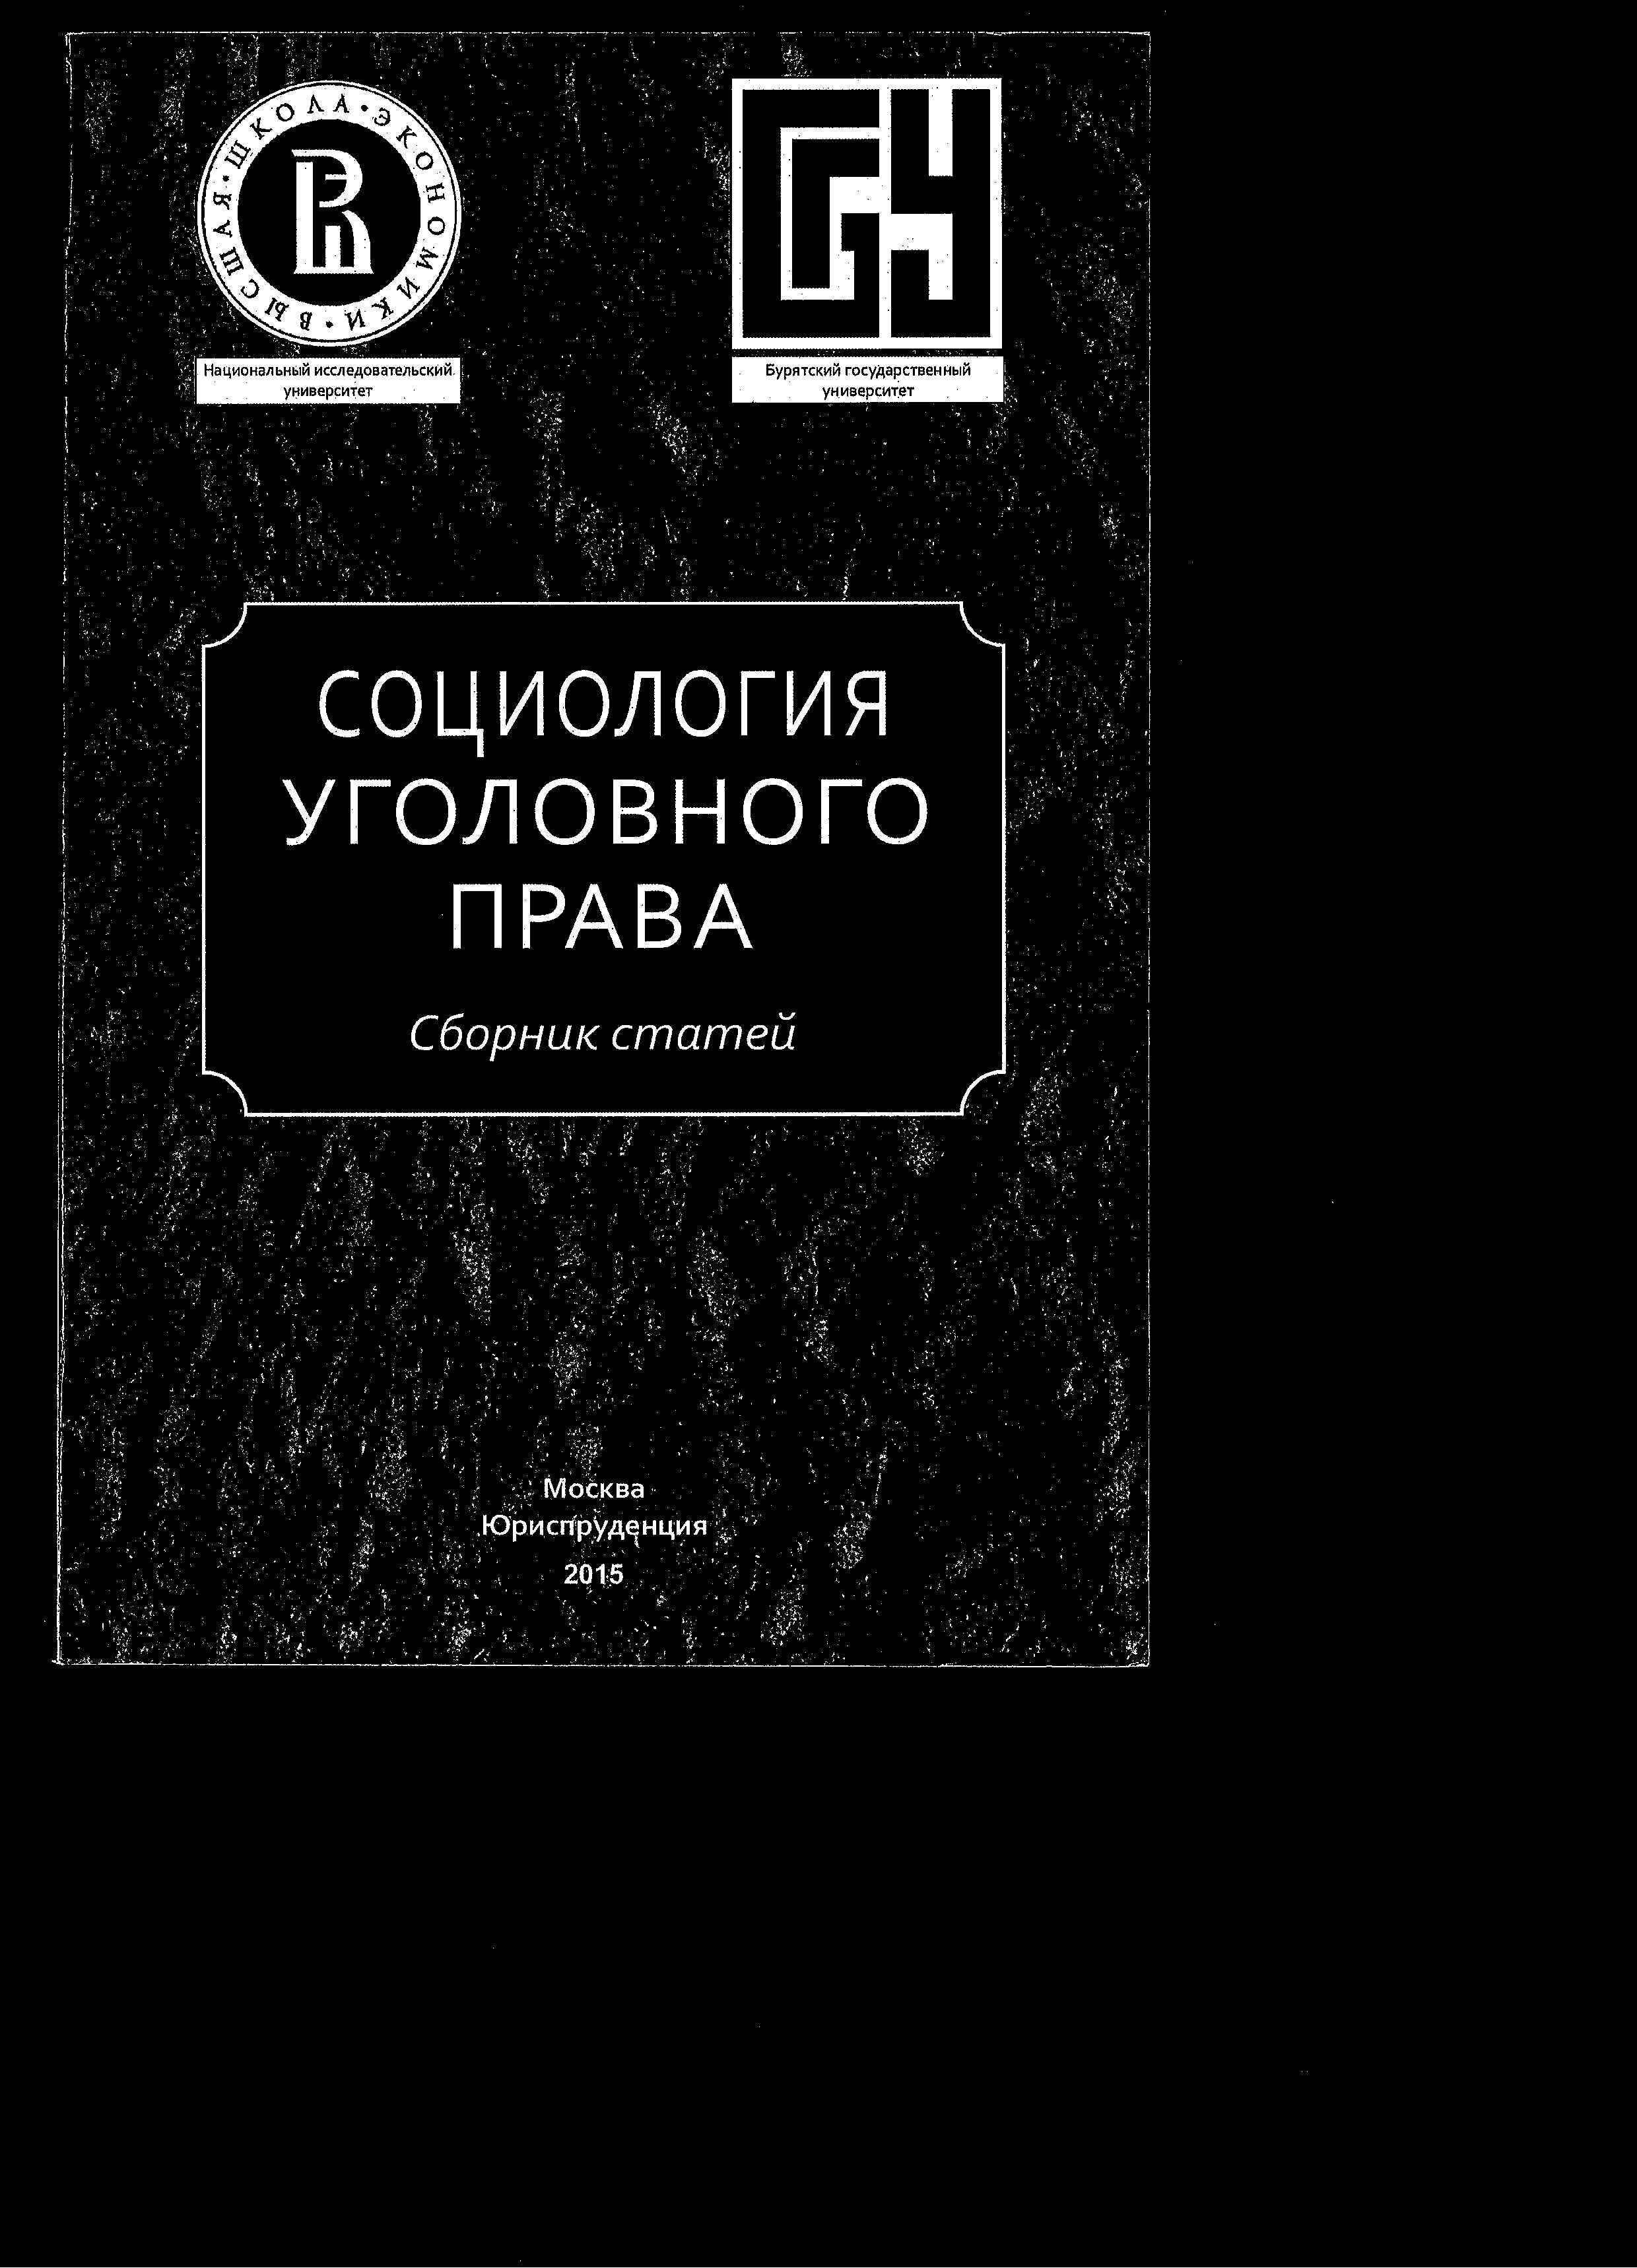 Вопросы выявления, создания, использования и распространения компьютерных программ (информации), заведомо предназначенных для нейтрализации средств защиты интеллектуальной собственности, выраженной в цифровой форме: анализ судебной практики